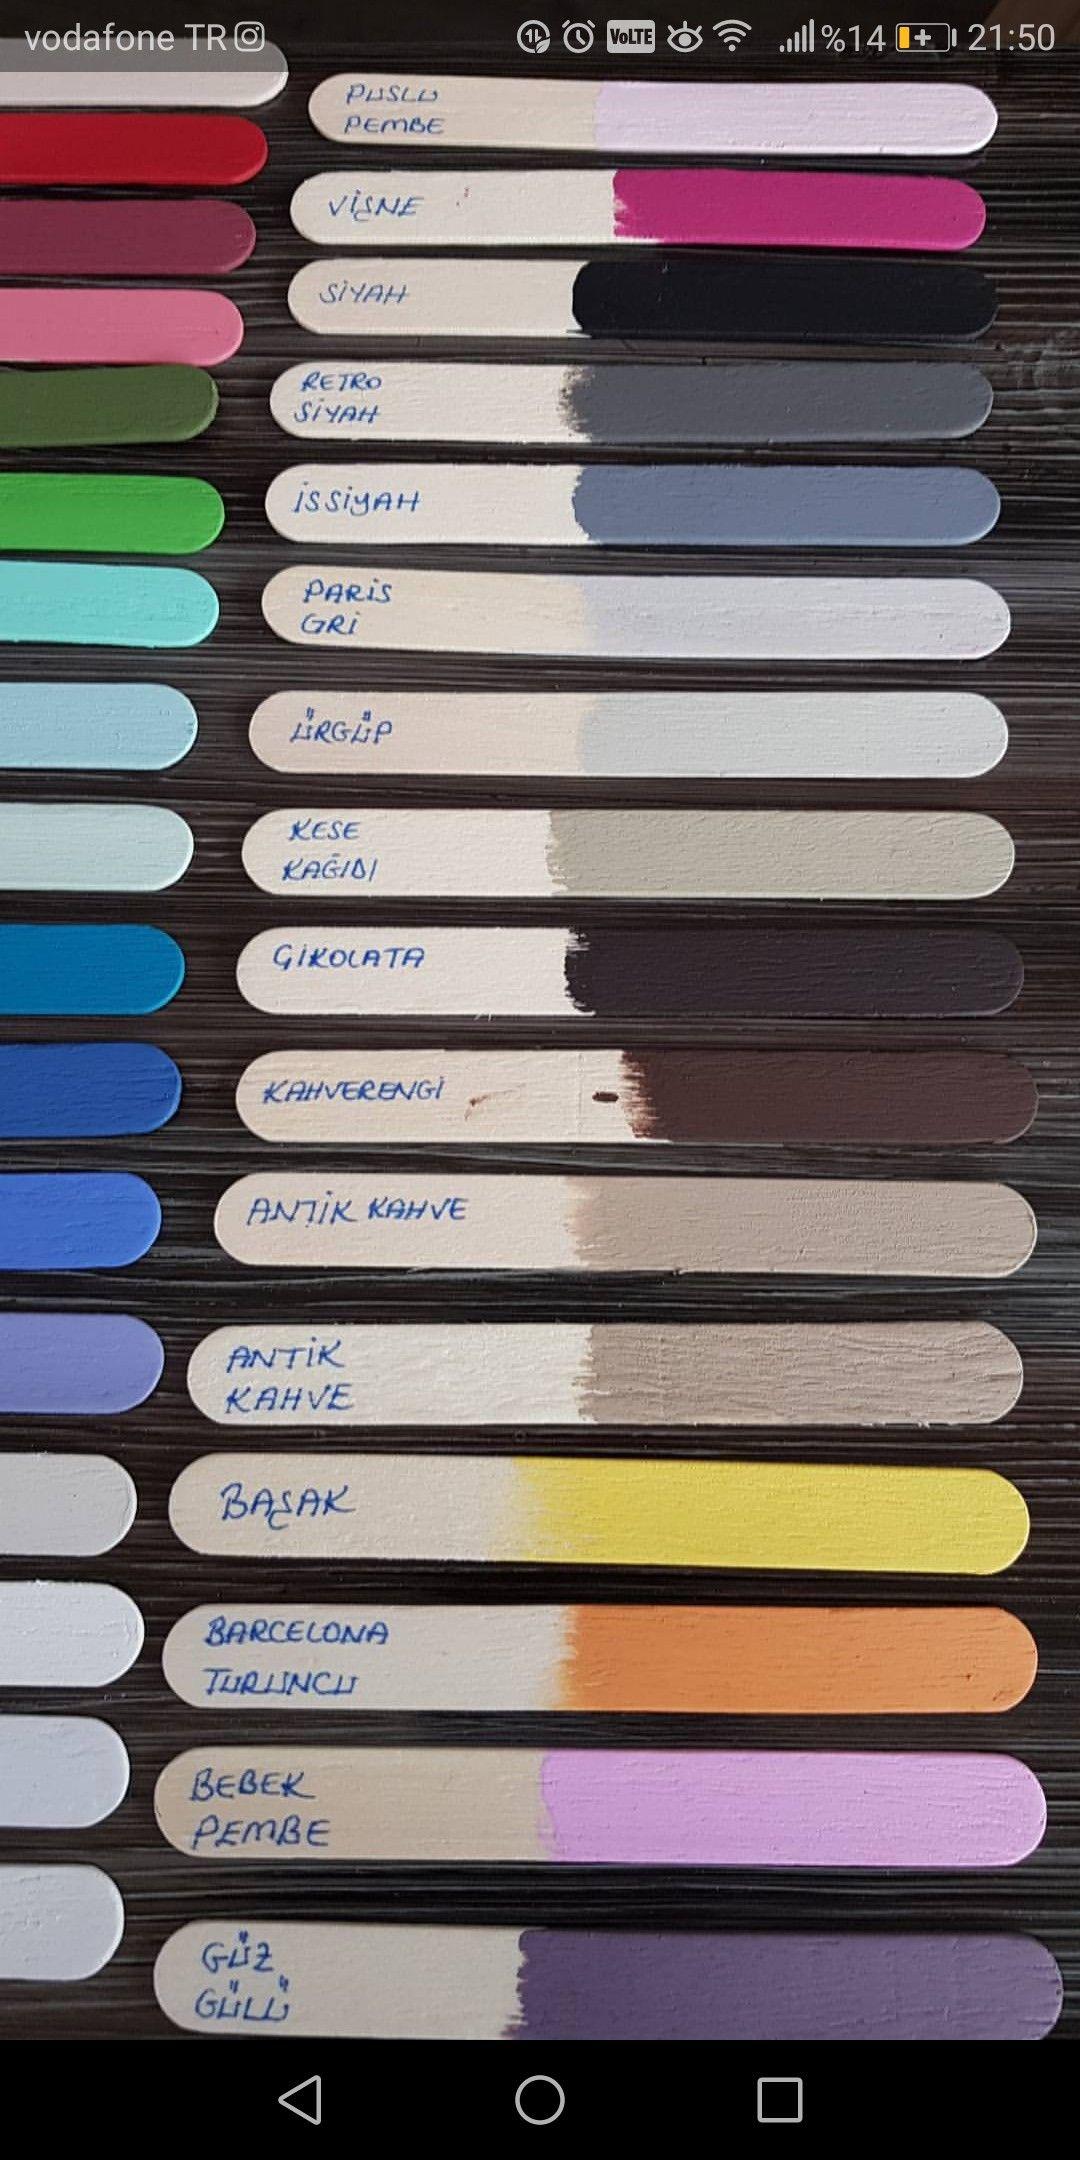 Gokhan Selvi Adli Kullanicinin Ahsap Boyama Panosundaki Pin Boya Renkleri Renkler Renk Temalari